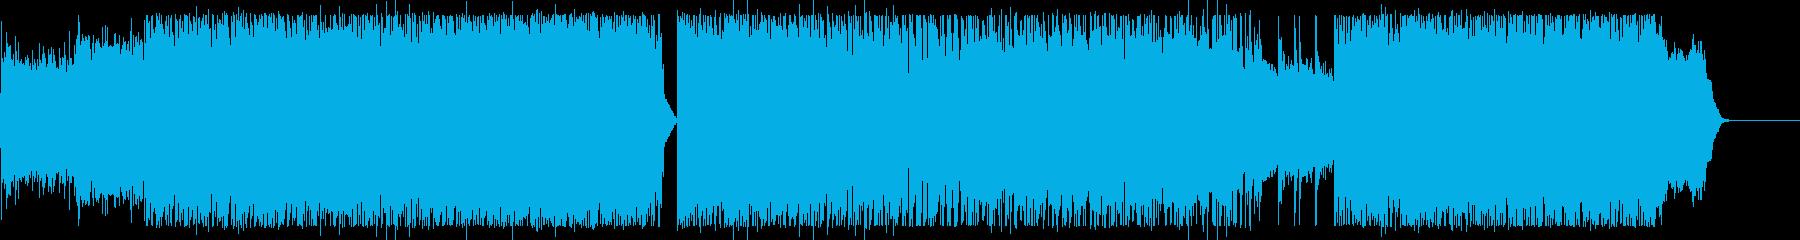 始まりにふさわしいアップテンポロックの再生済みの波形